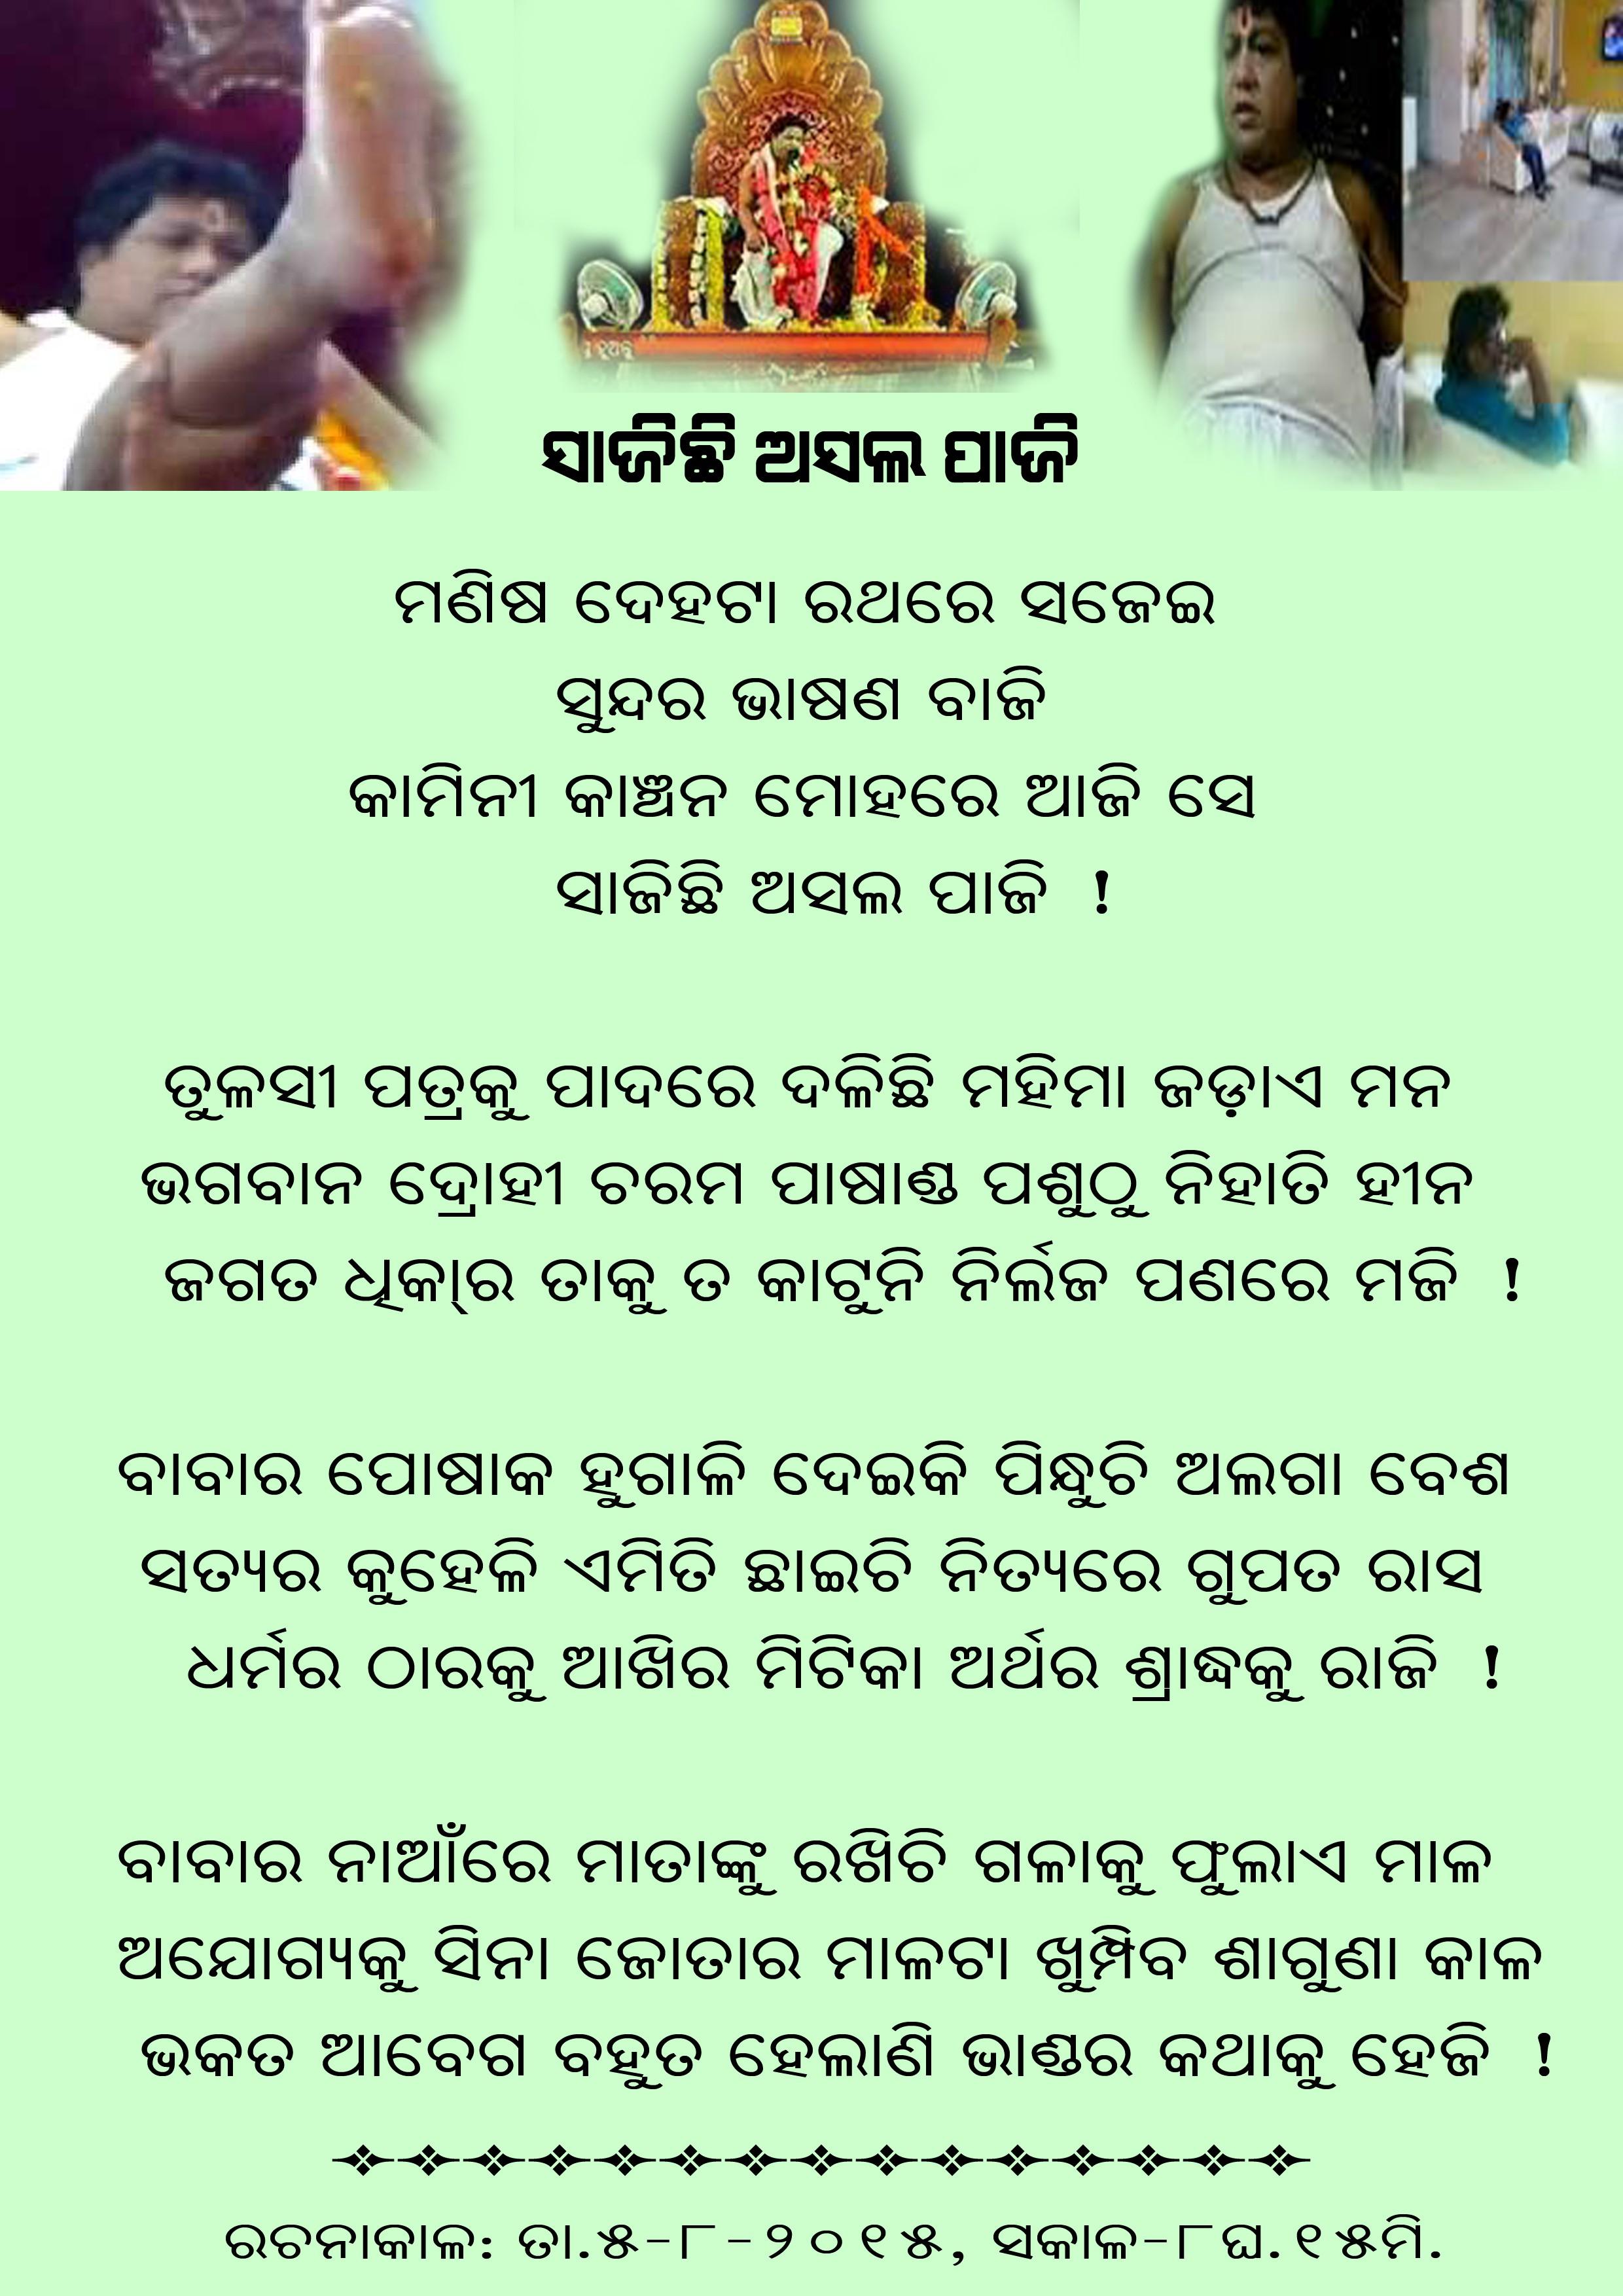 Sajichhi Asal Paji : Odia Poem By Taraprasad Jena on Baba Sarathi